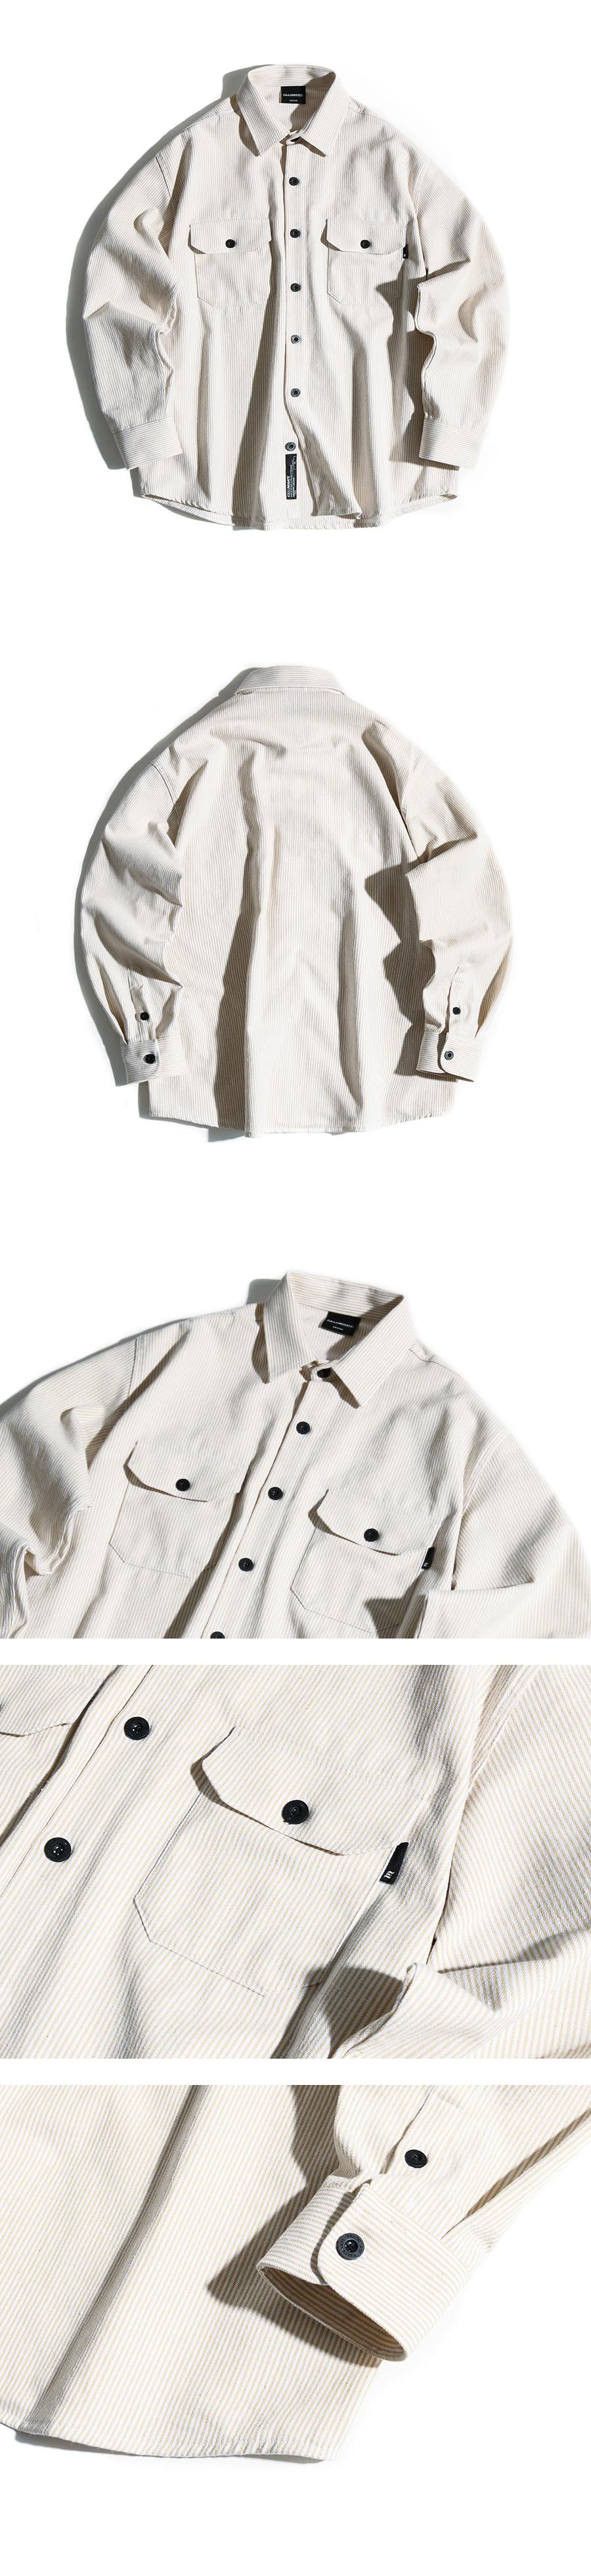 필루미네이트(FILLUMINATE) 유니섹스 스트라이프 투 포켓 셔츠-베이지